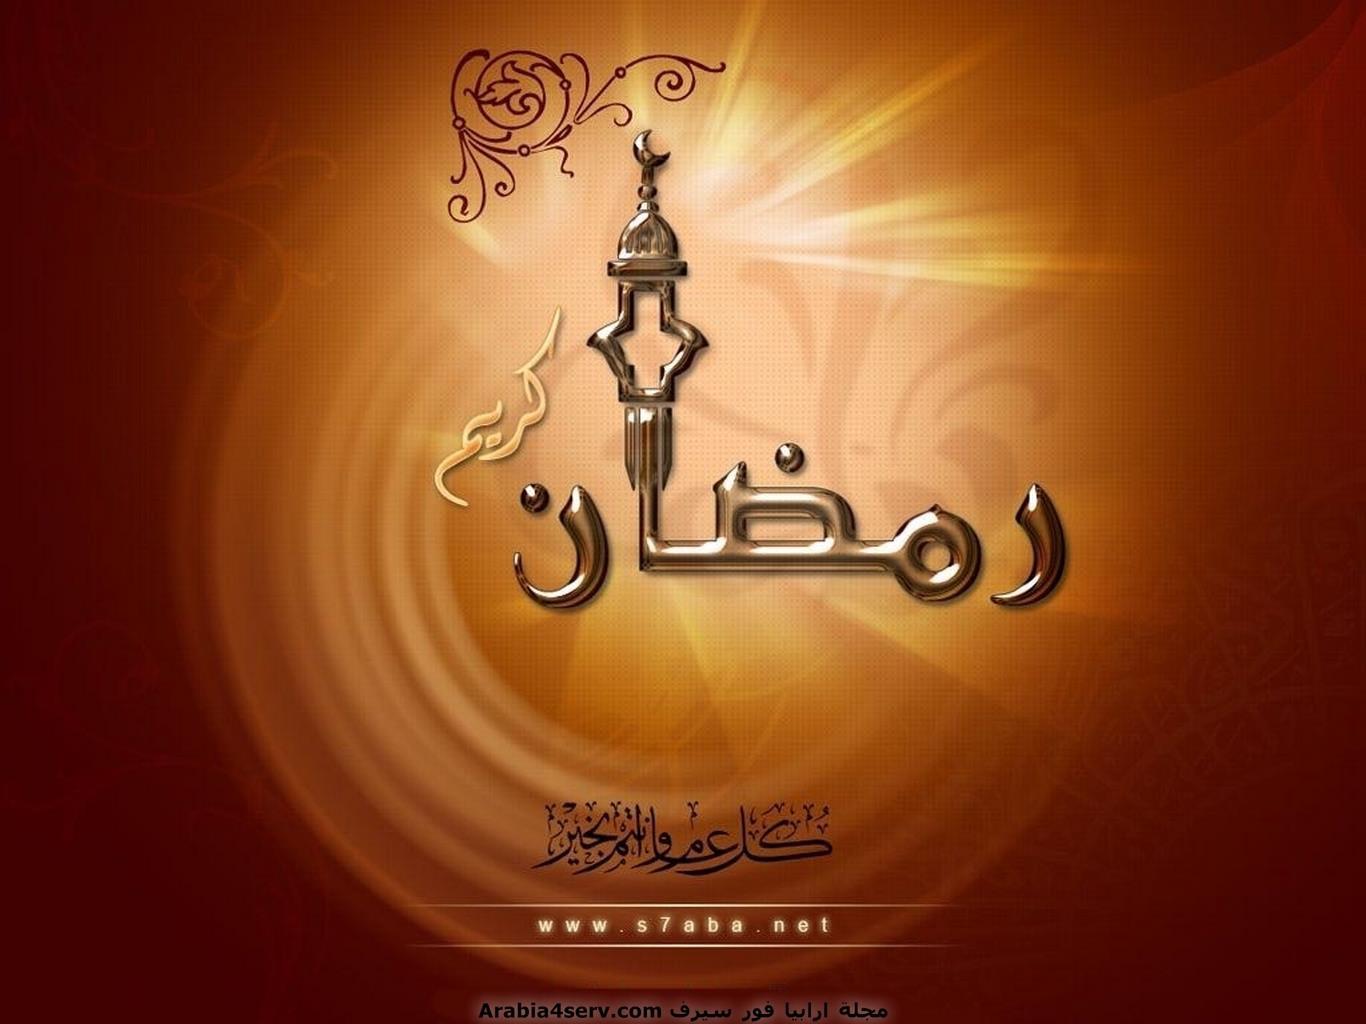 خلفيات-شهر-رمضان-الكريم-8